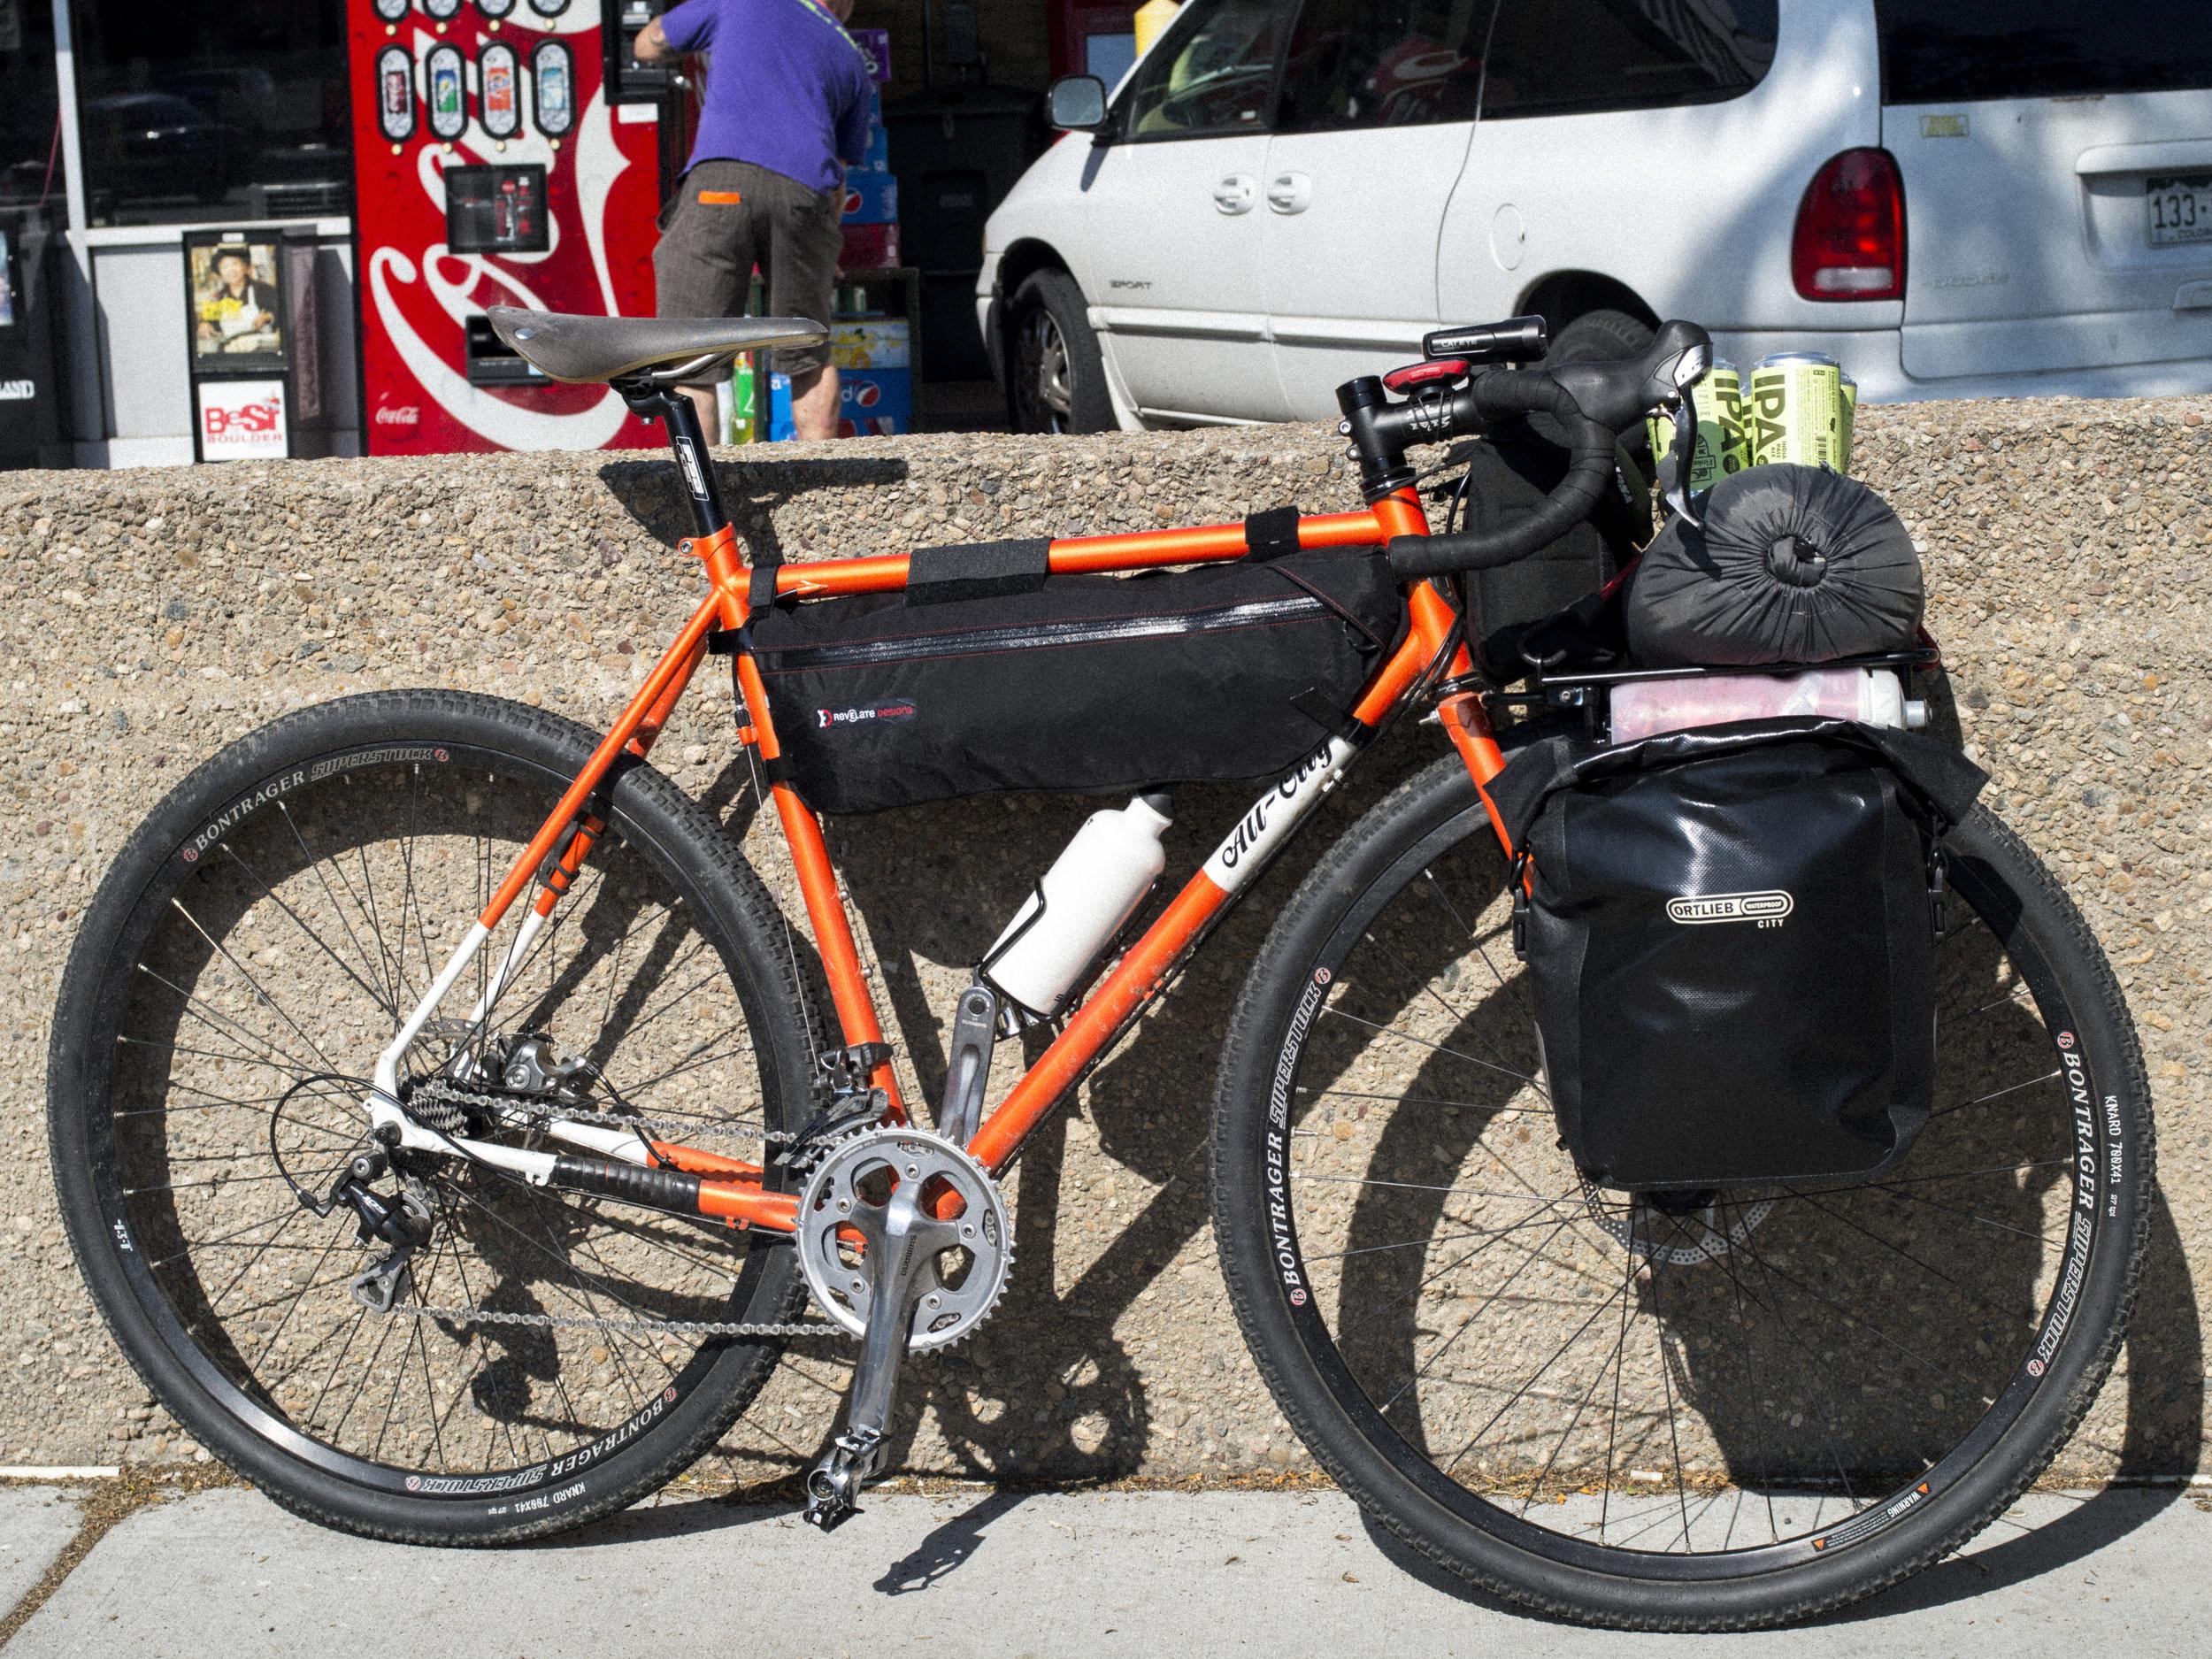 bike-camping_19416218631_o.jpg